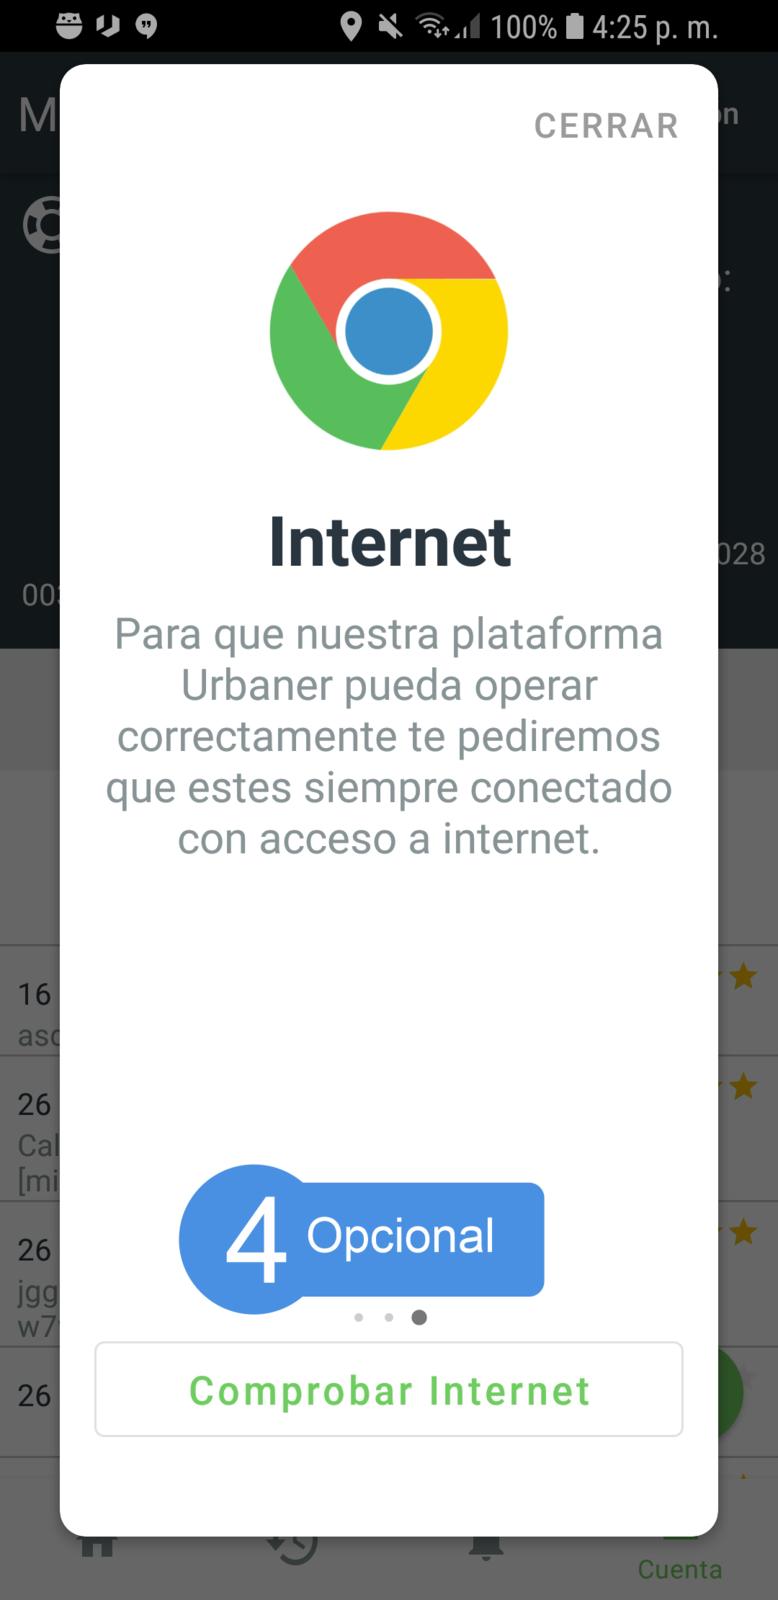 Comprobar el estado de internet.